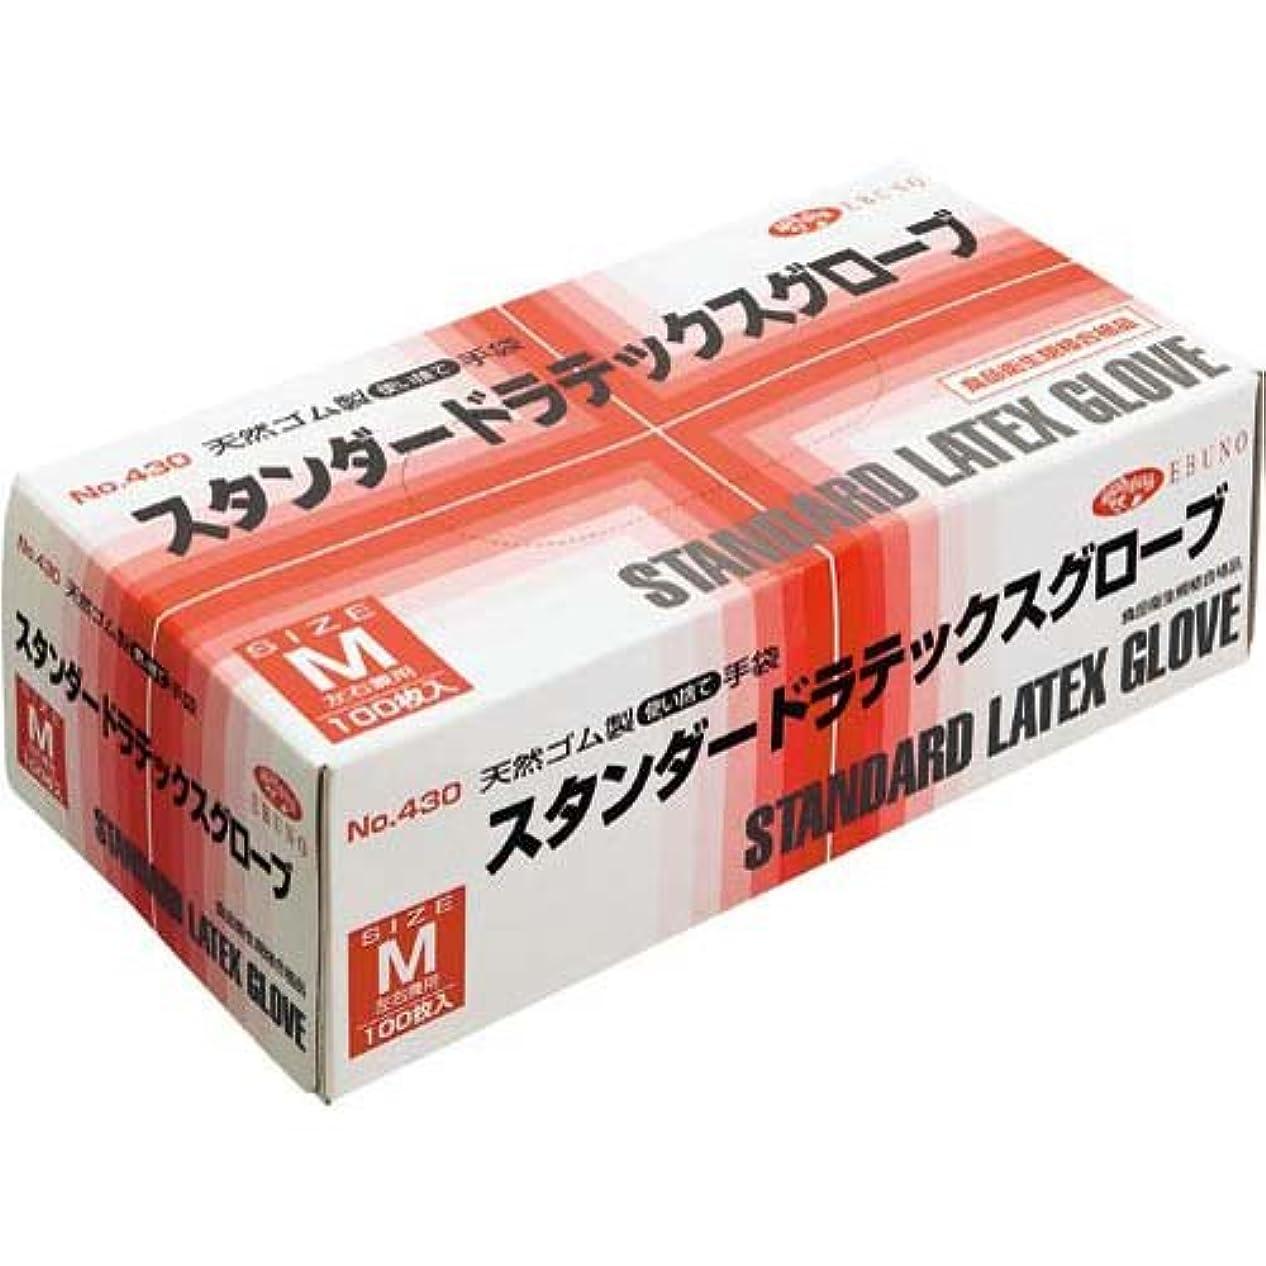 覚えているヤギ累積エブノ スタンダードラテックスグローブ 箱入 No.430 100枚入 M 奥行0.8×高さ24×幅9.4cm 100個入